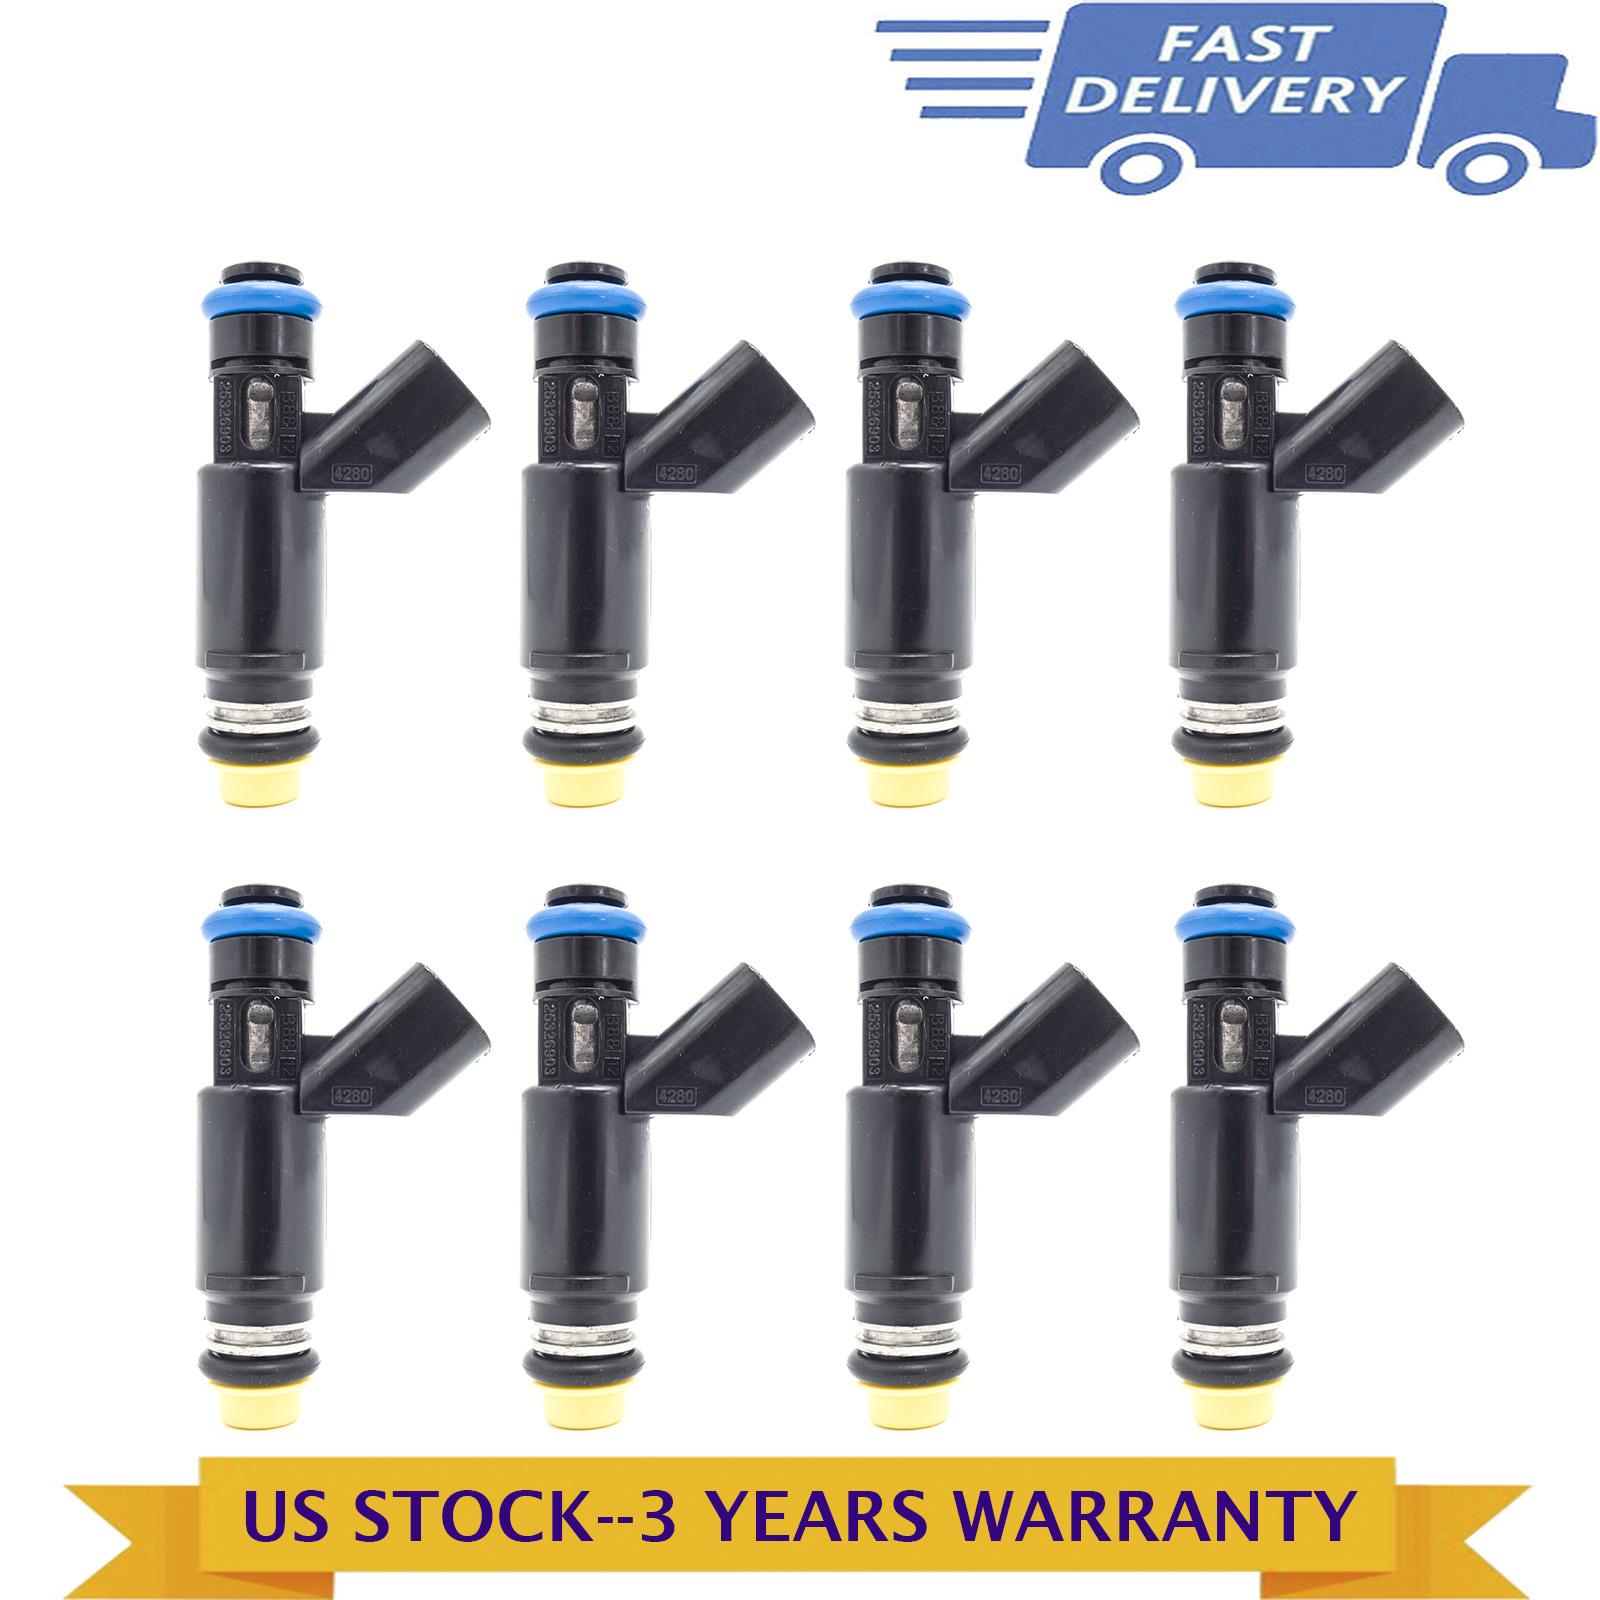 8x OEM Fuel Injectors For Silverado Express Tahoe GMC Yukon 5.3L Flex 25326903